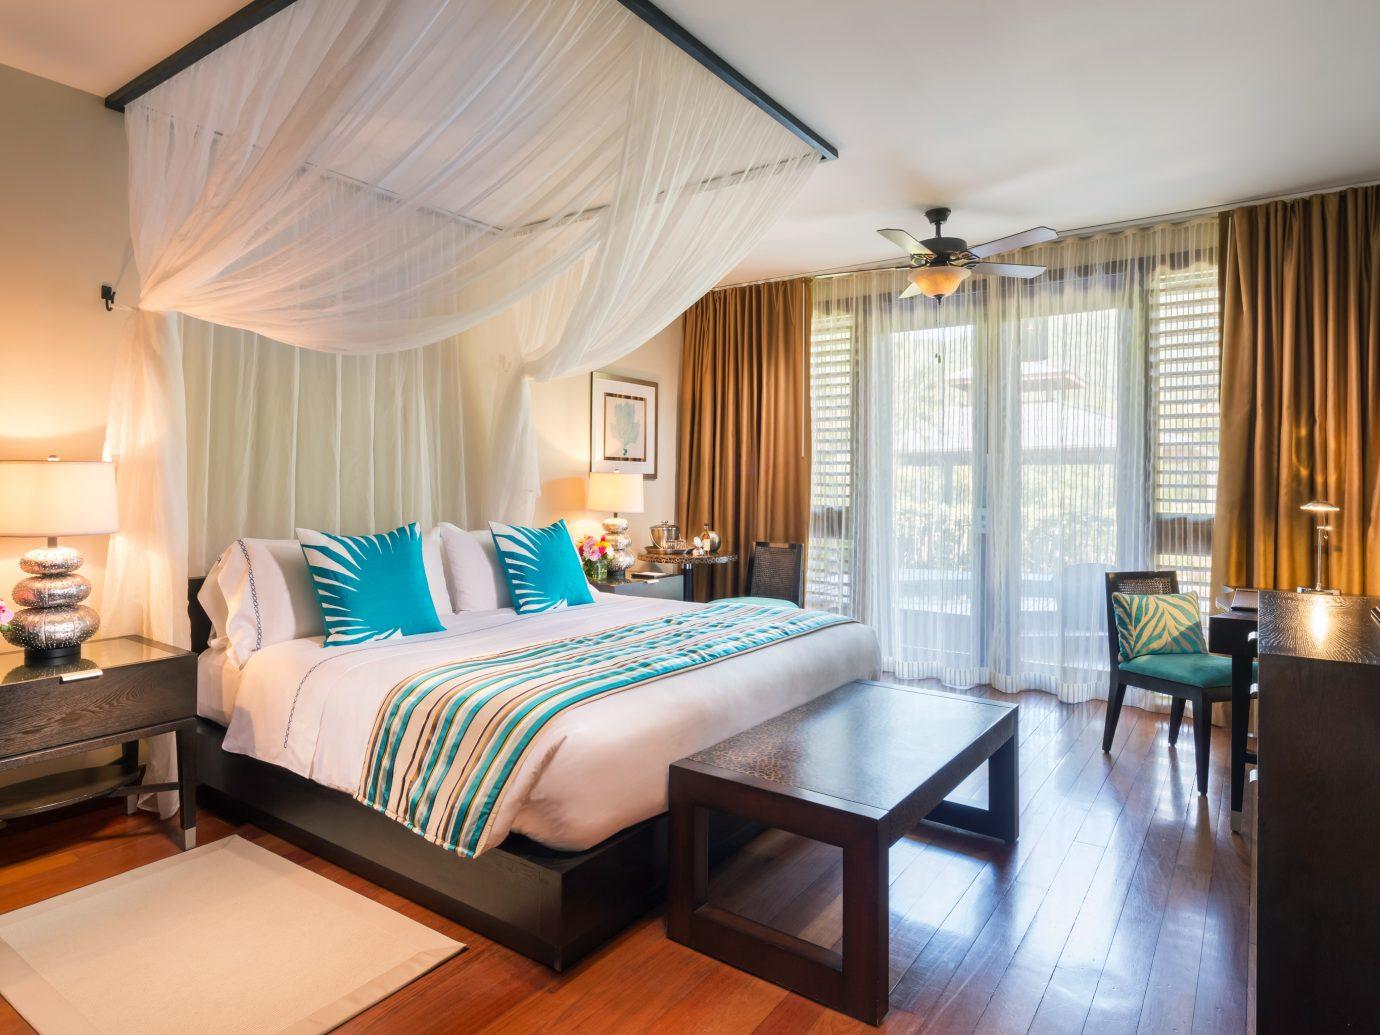 Bedroom at Marigot Bay Resort & Marina